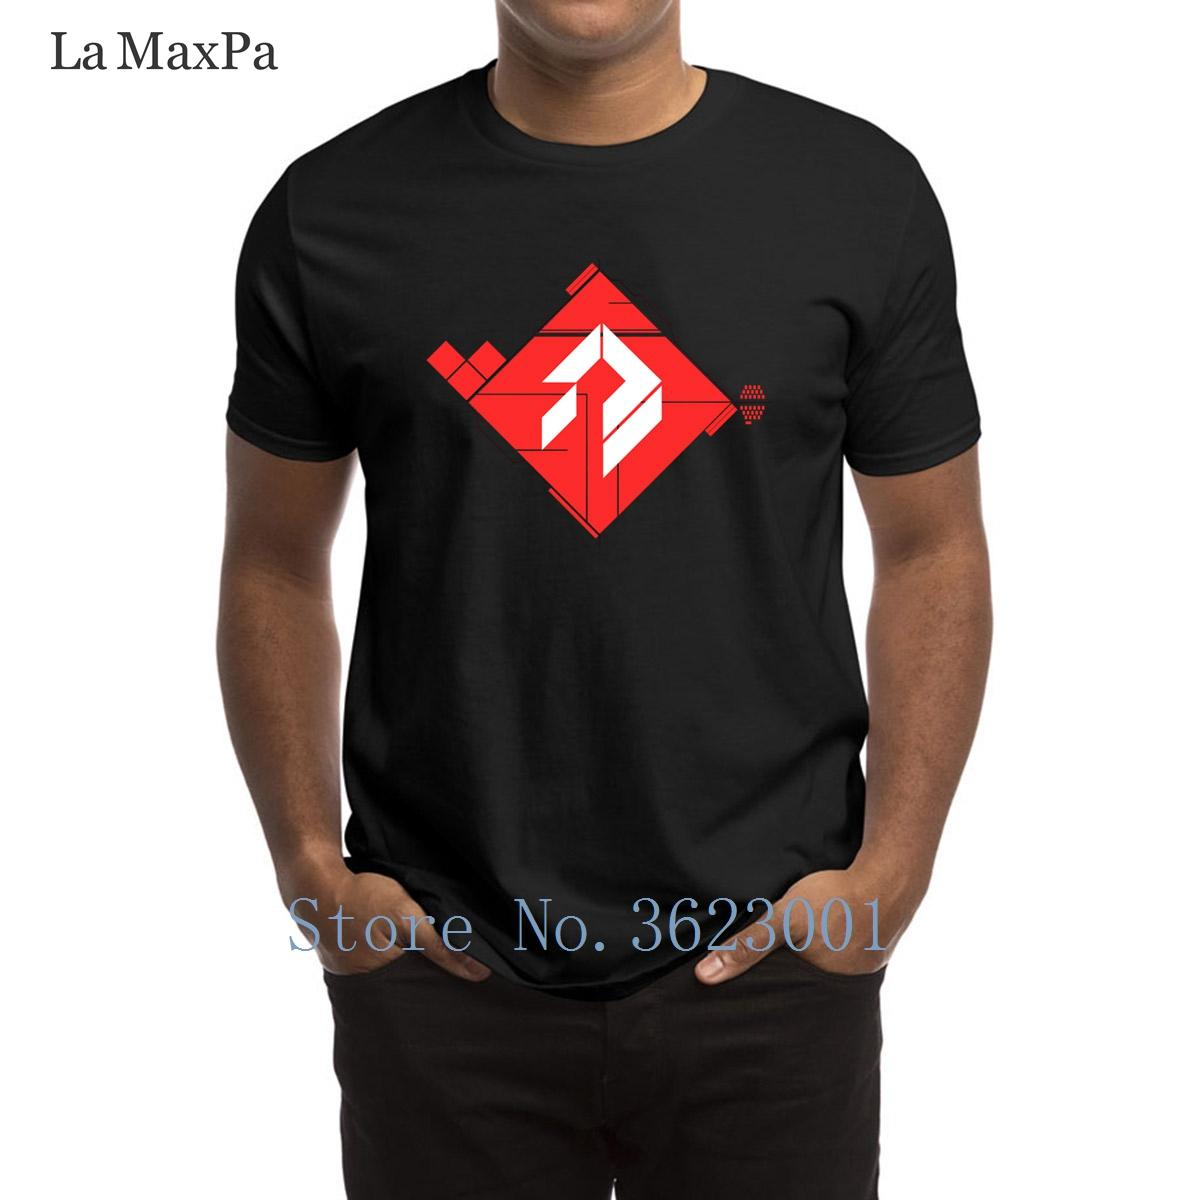 Printed dünnes T-Shirt für Männer Siva A Clovis Bray Produkt T-Shirt Branded Grund Fest-T-Shirt Besser S-3xl-T-Shirt Mann Fitness